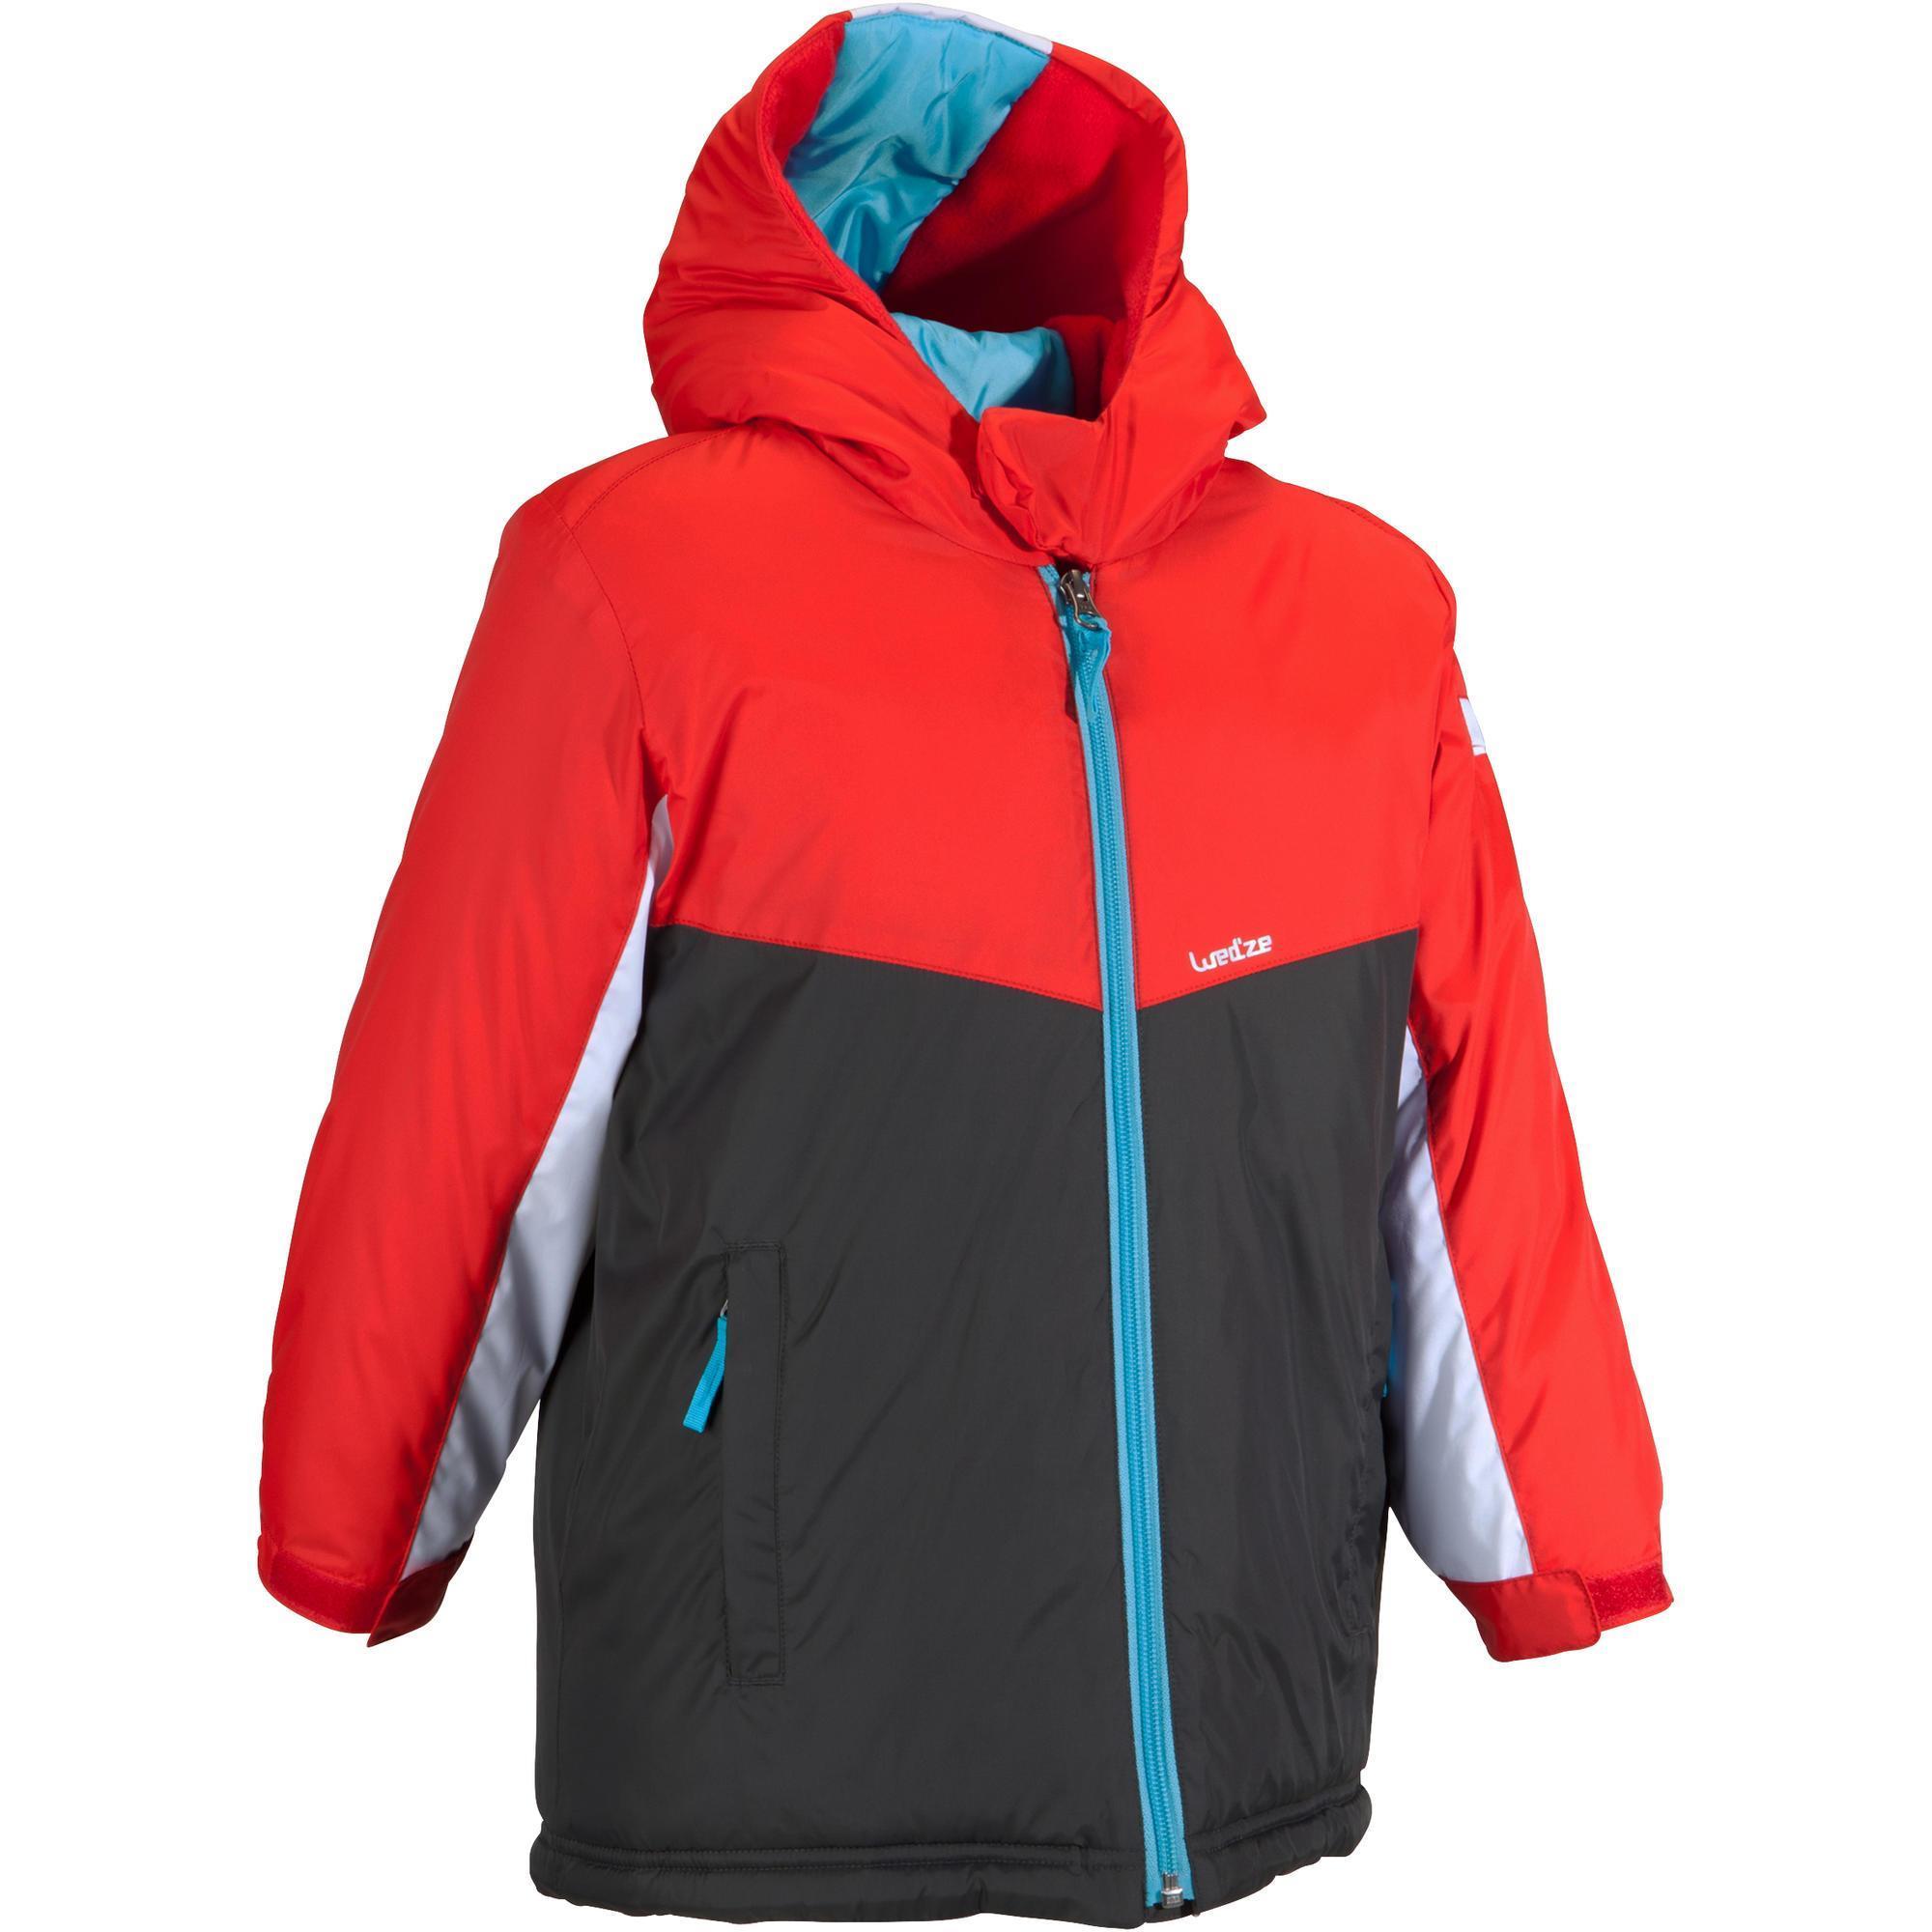 Jungen,Kinder Skijacke Ski-P JKT 100 Kleinkinder rot | 03608449892599